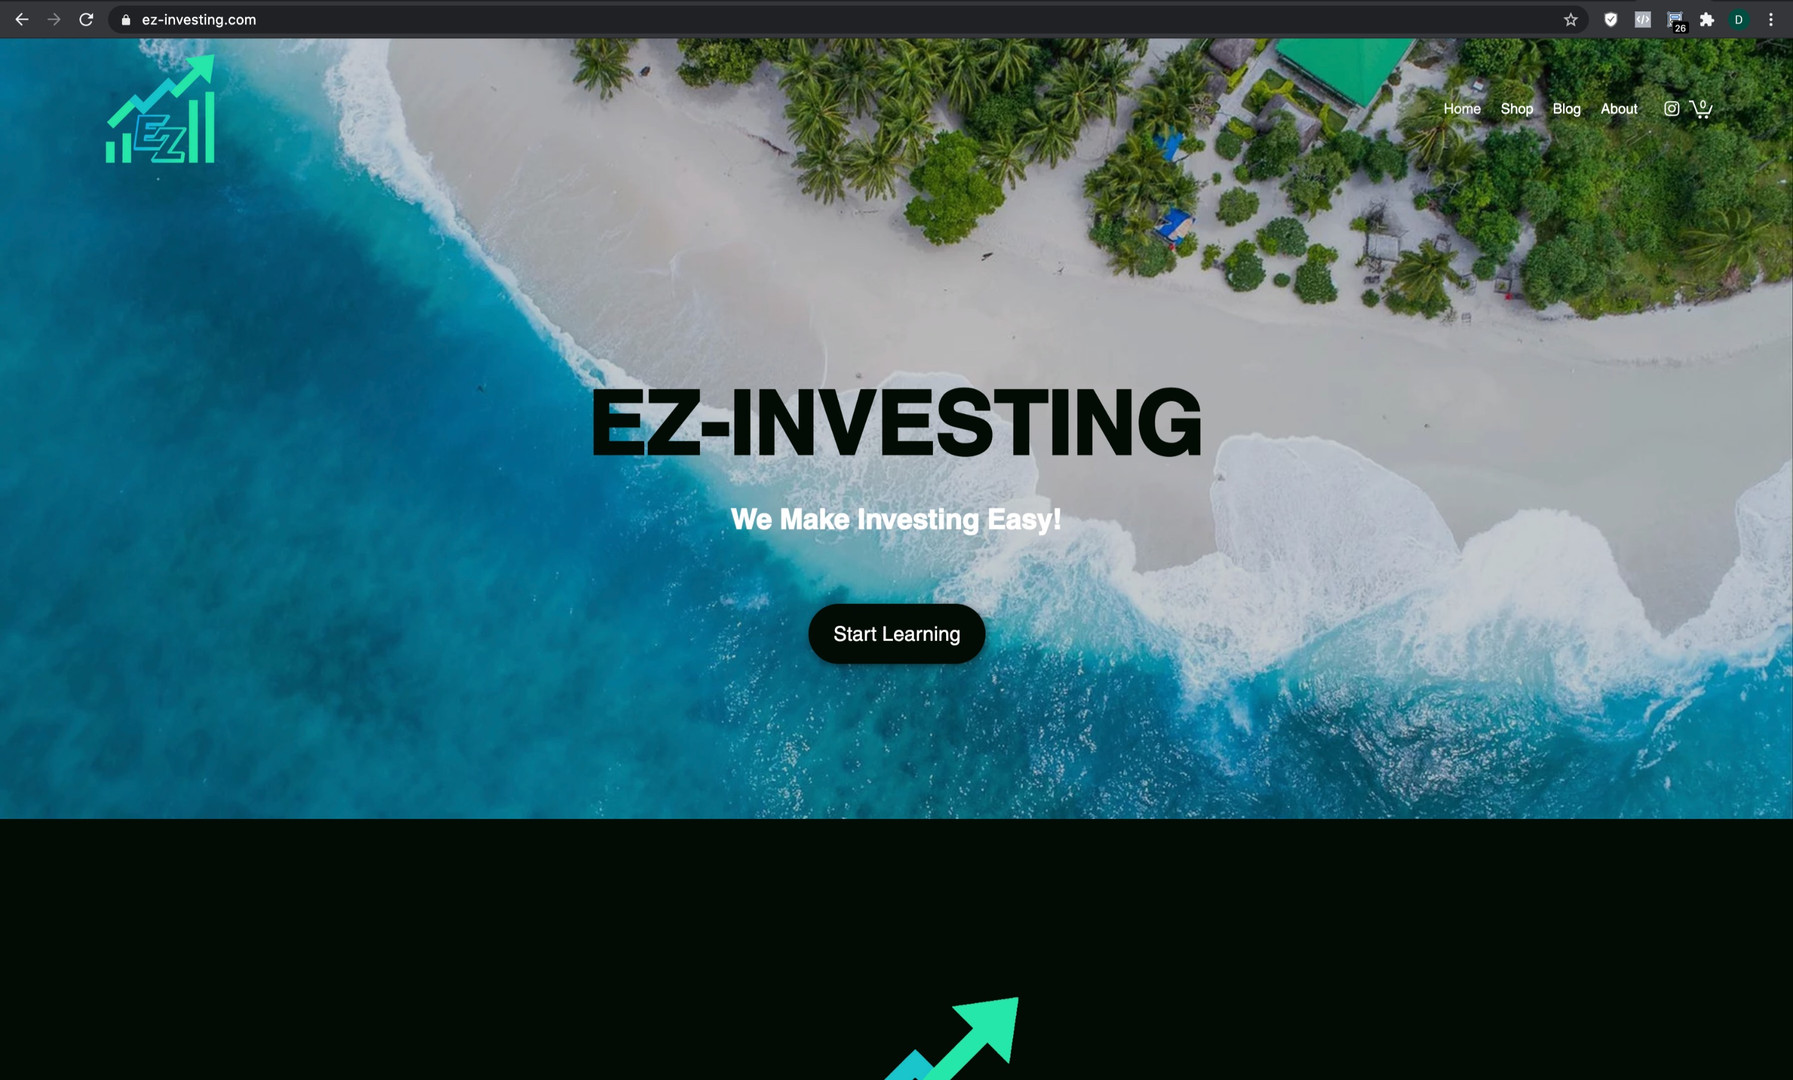 EZ Investing